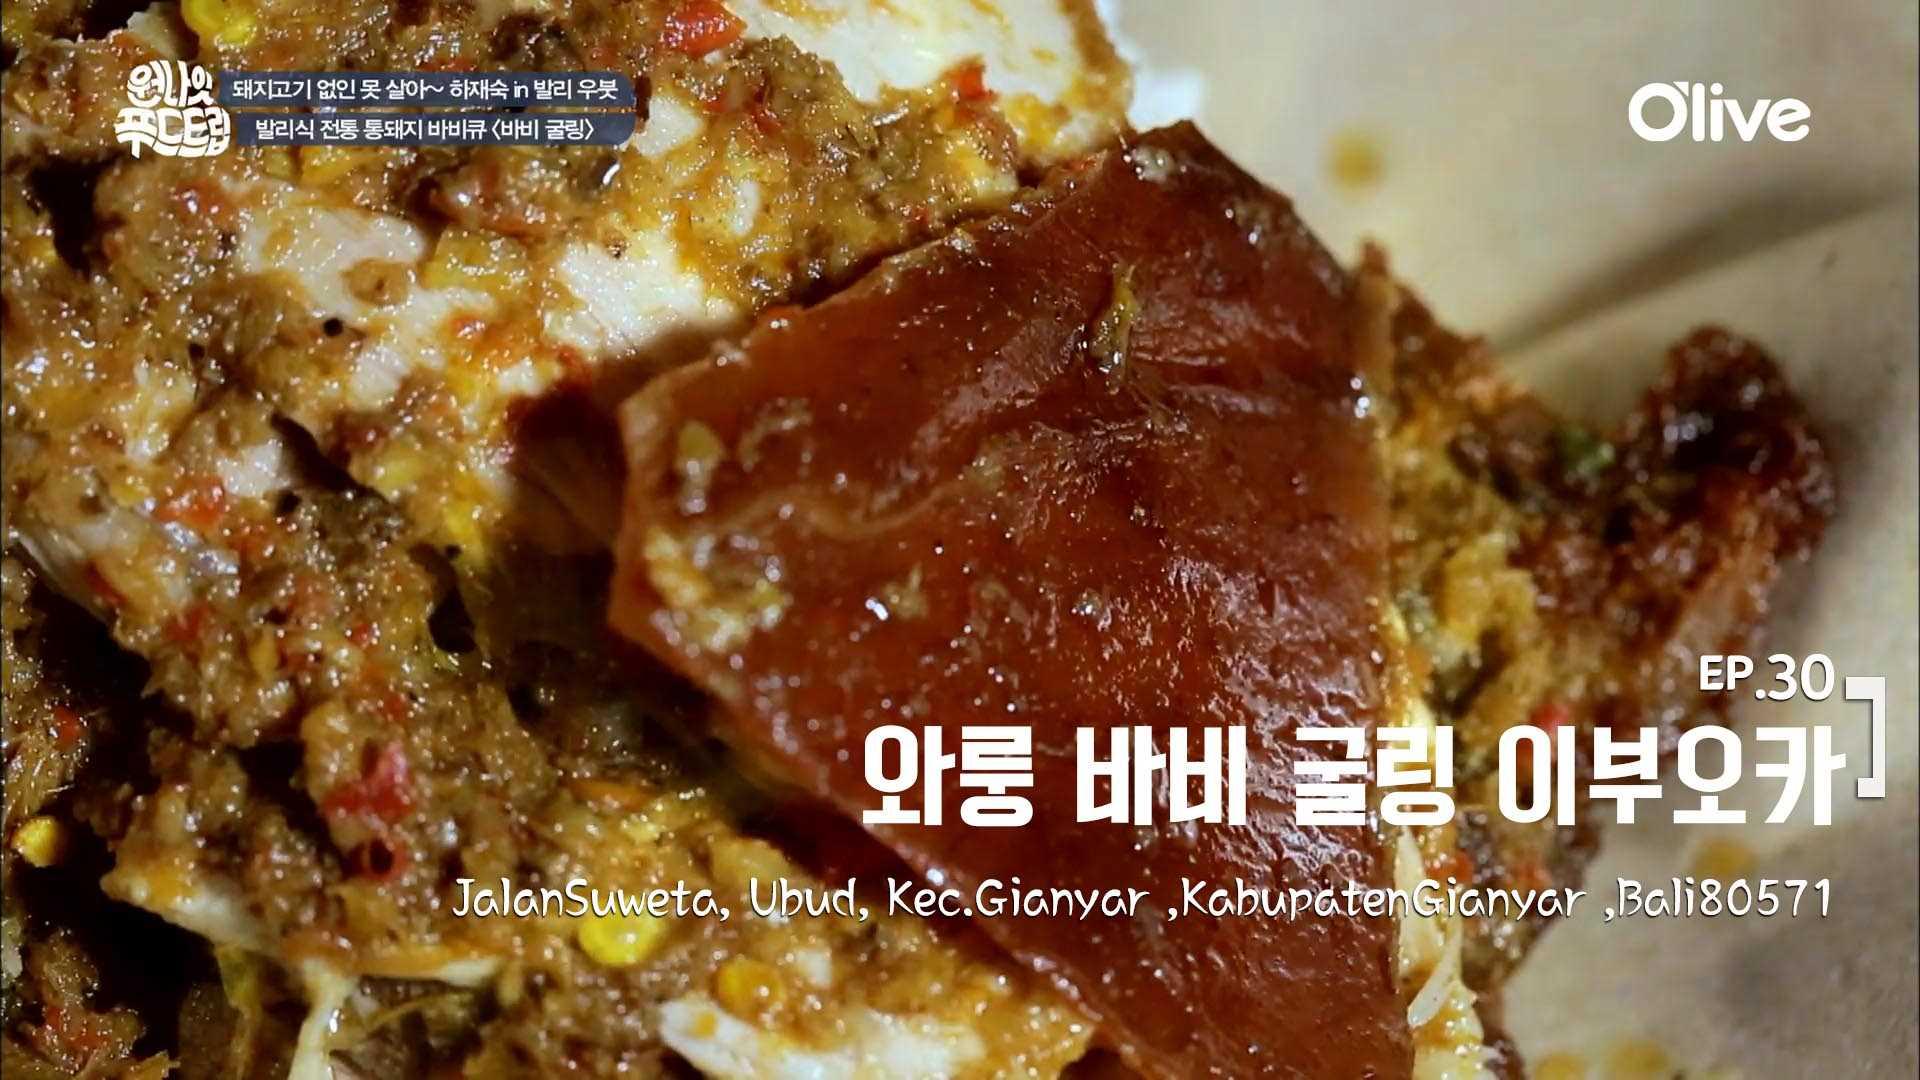 발리 전통 새끼 돼지 구이 전문점 < 와룽 바비 굴링 이부오카 >